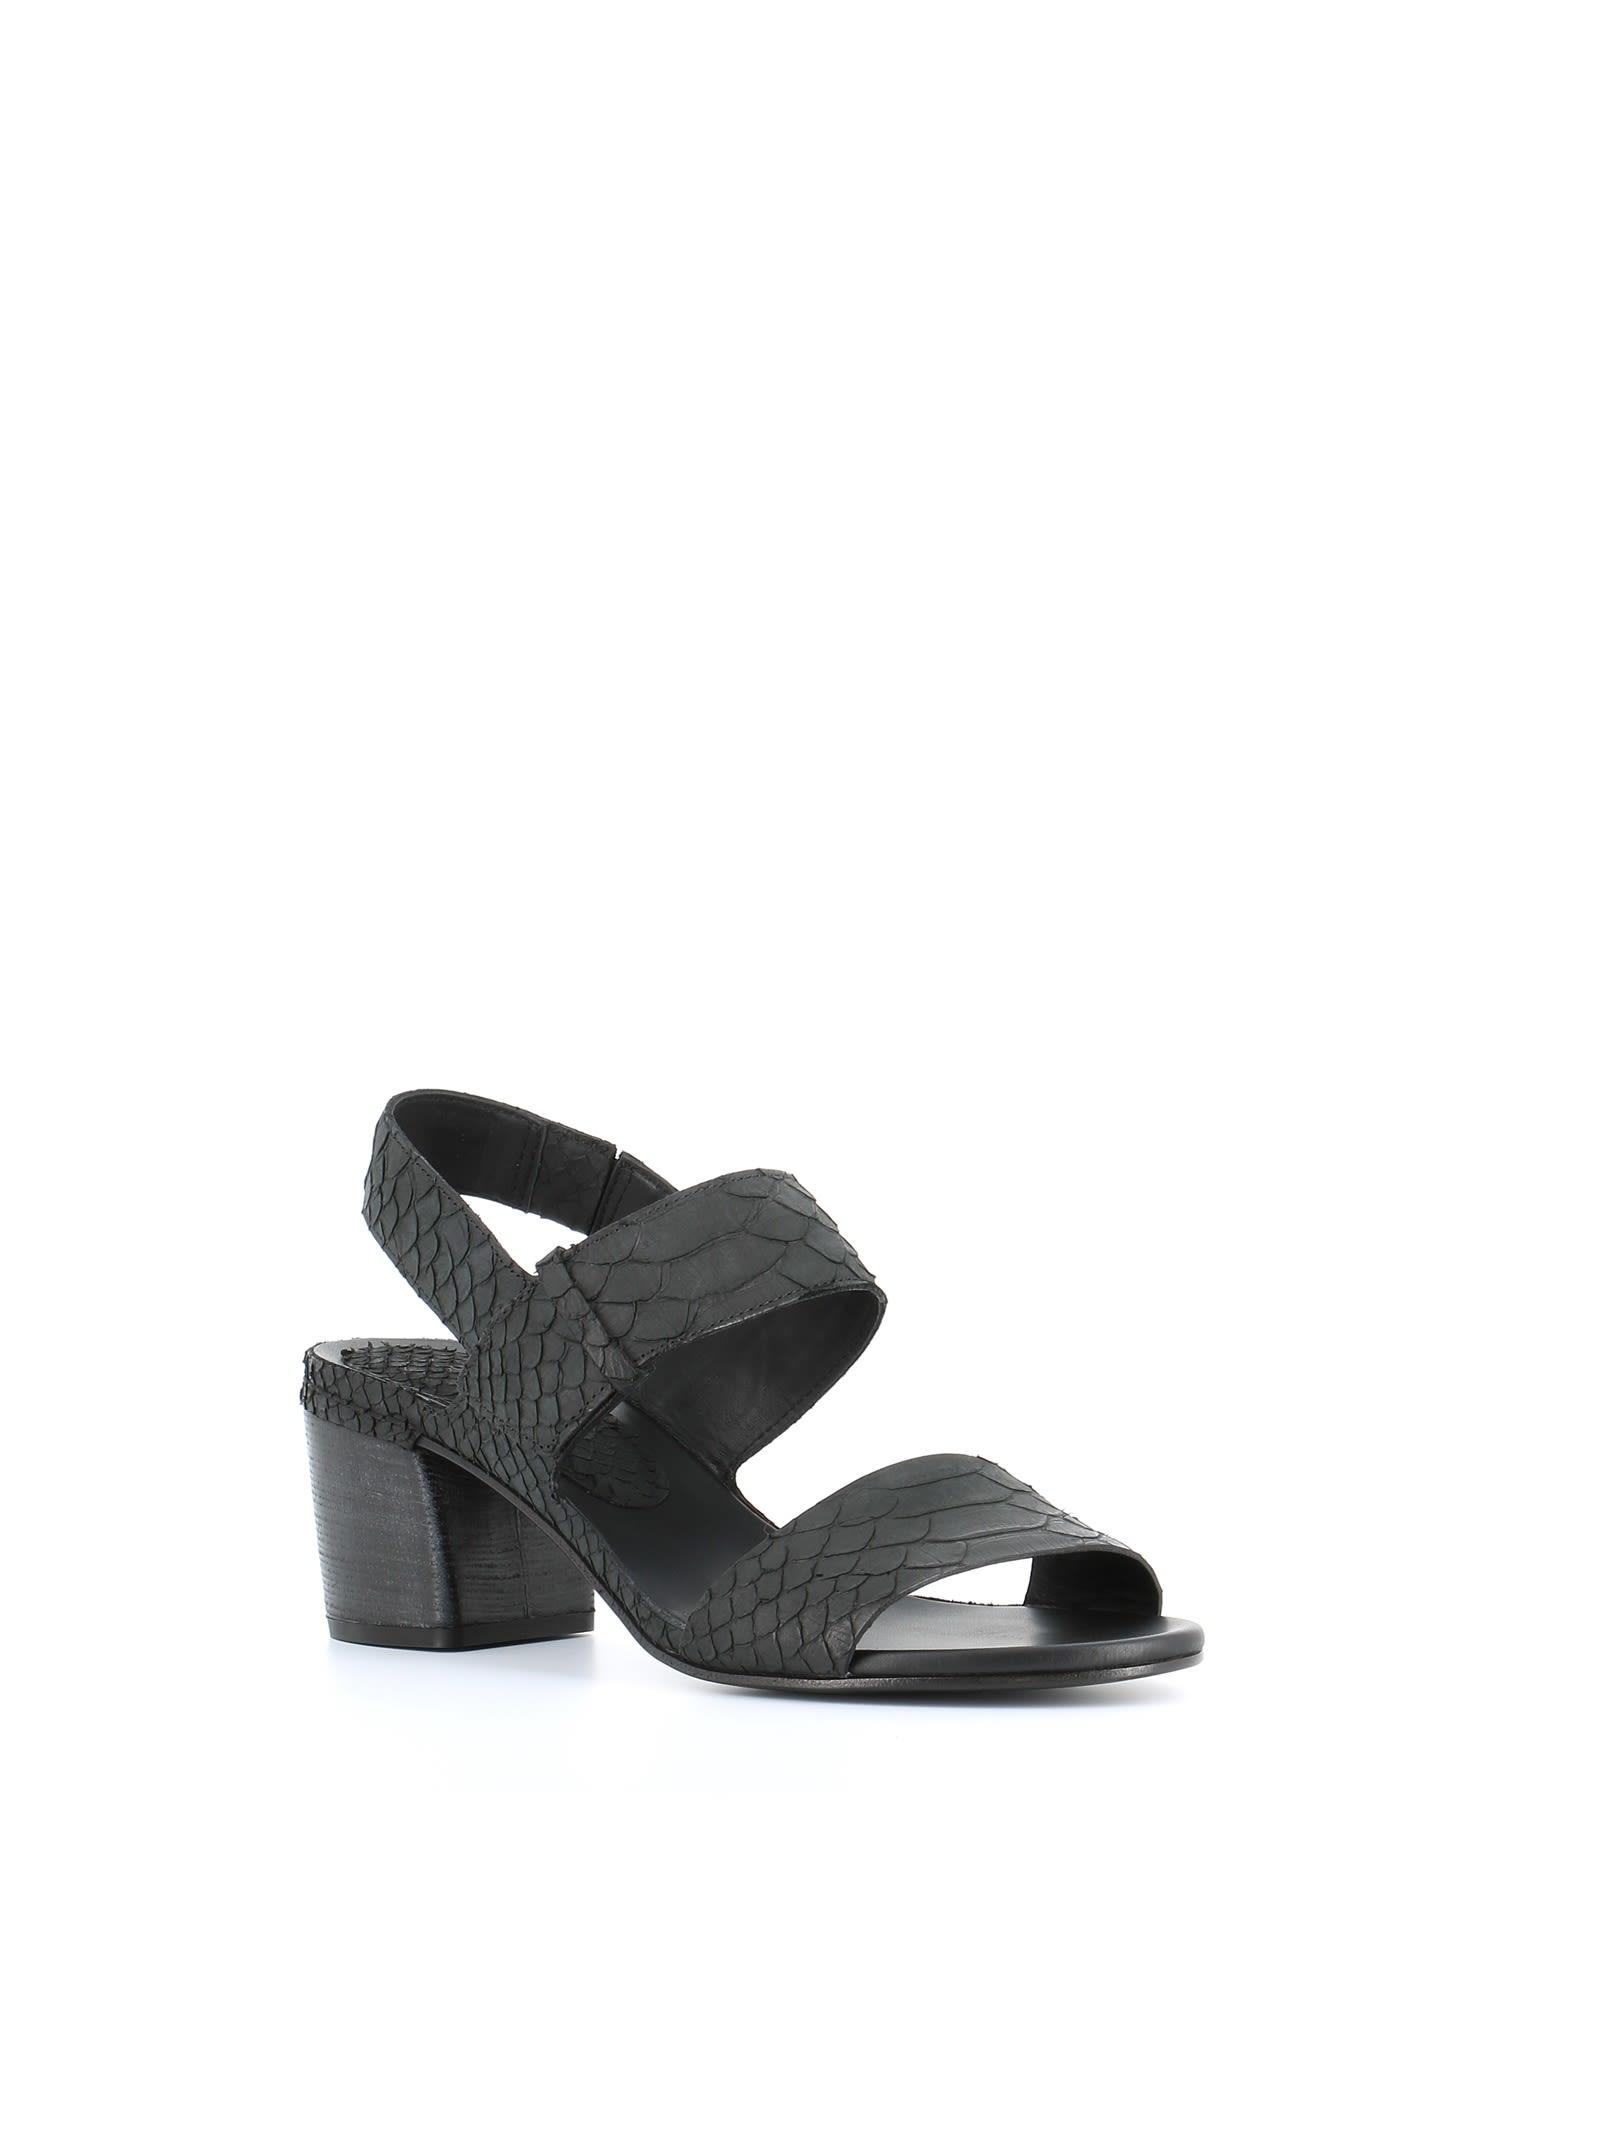 ROBERTO DEL CARLO 10119 sandals rR5eiq